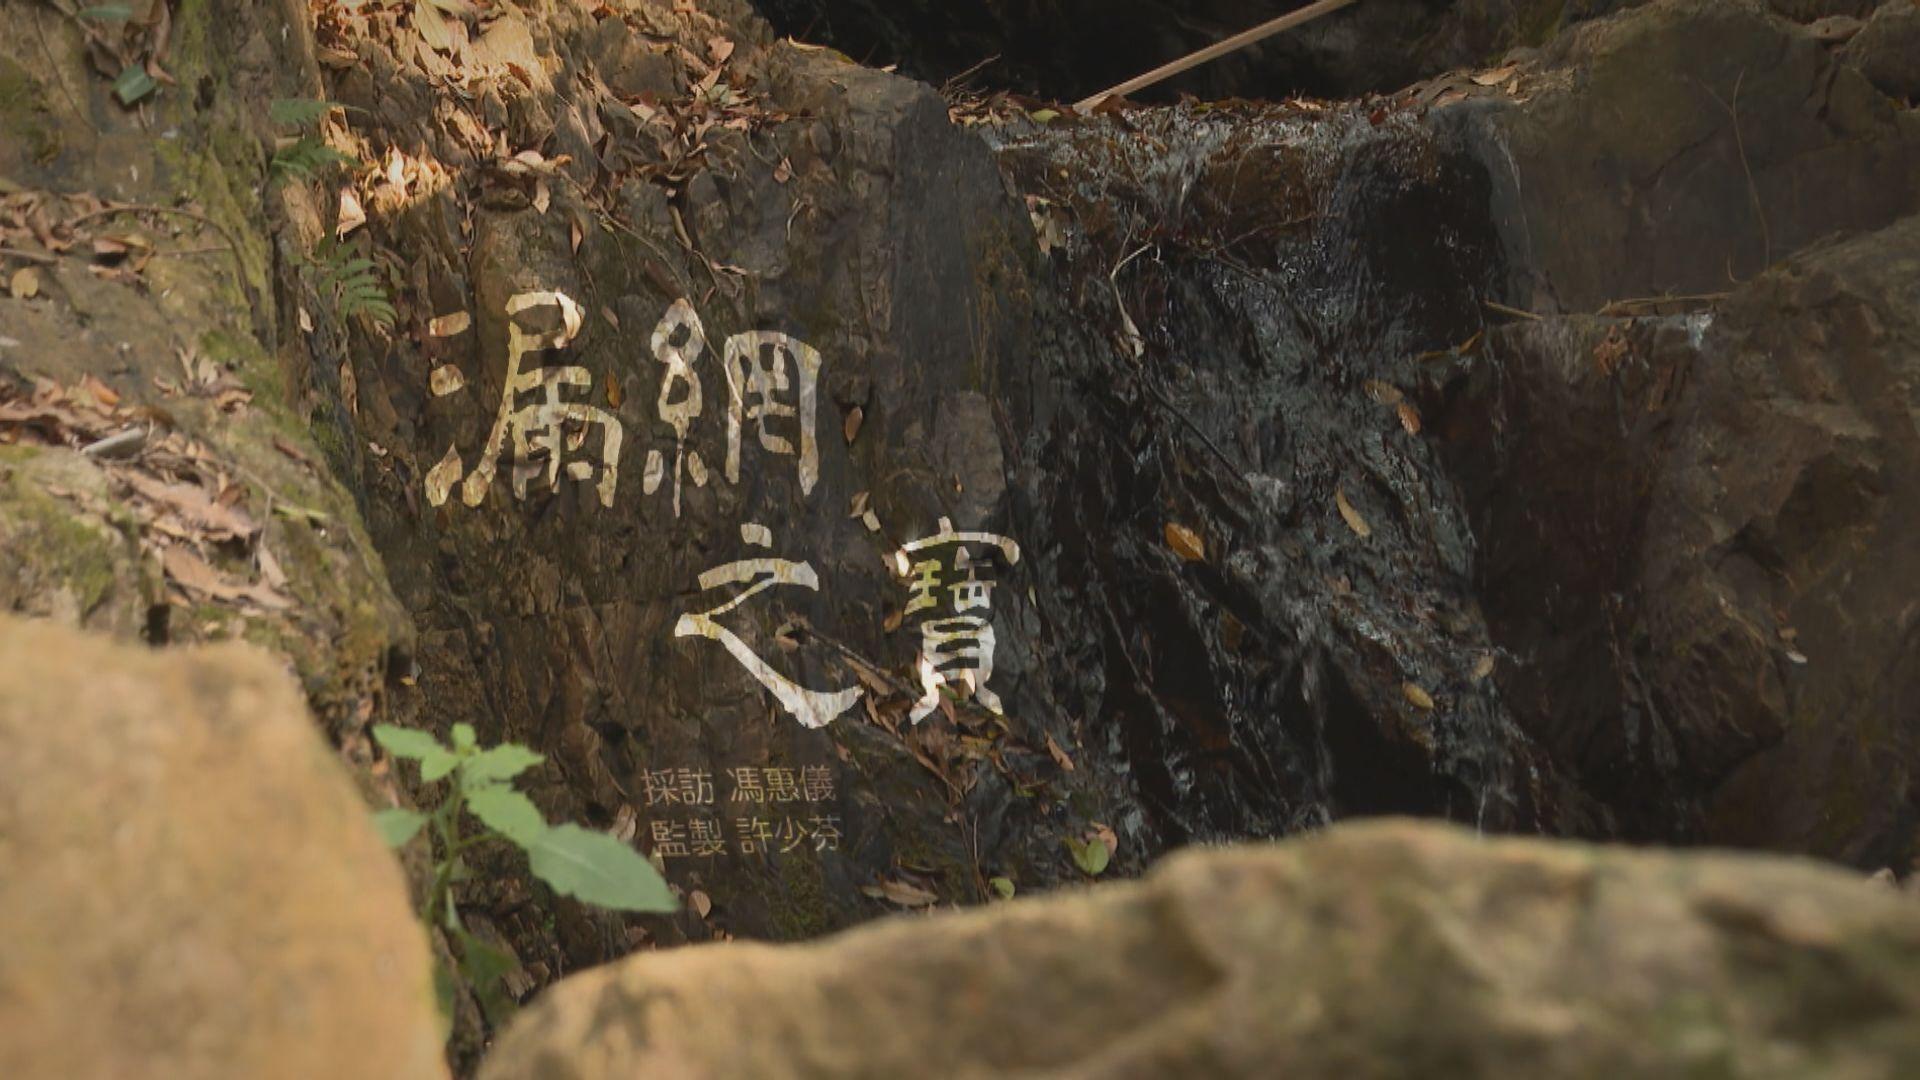 【經緯線】漏網之寶(一)